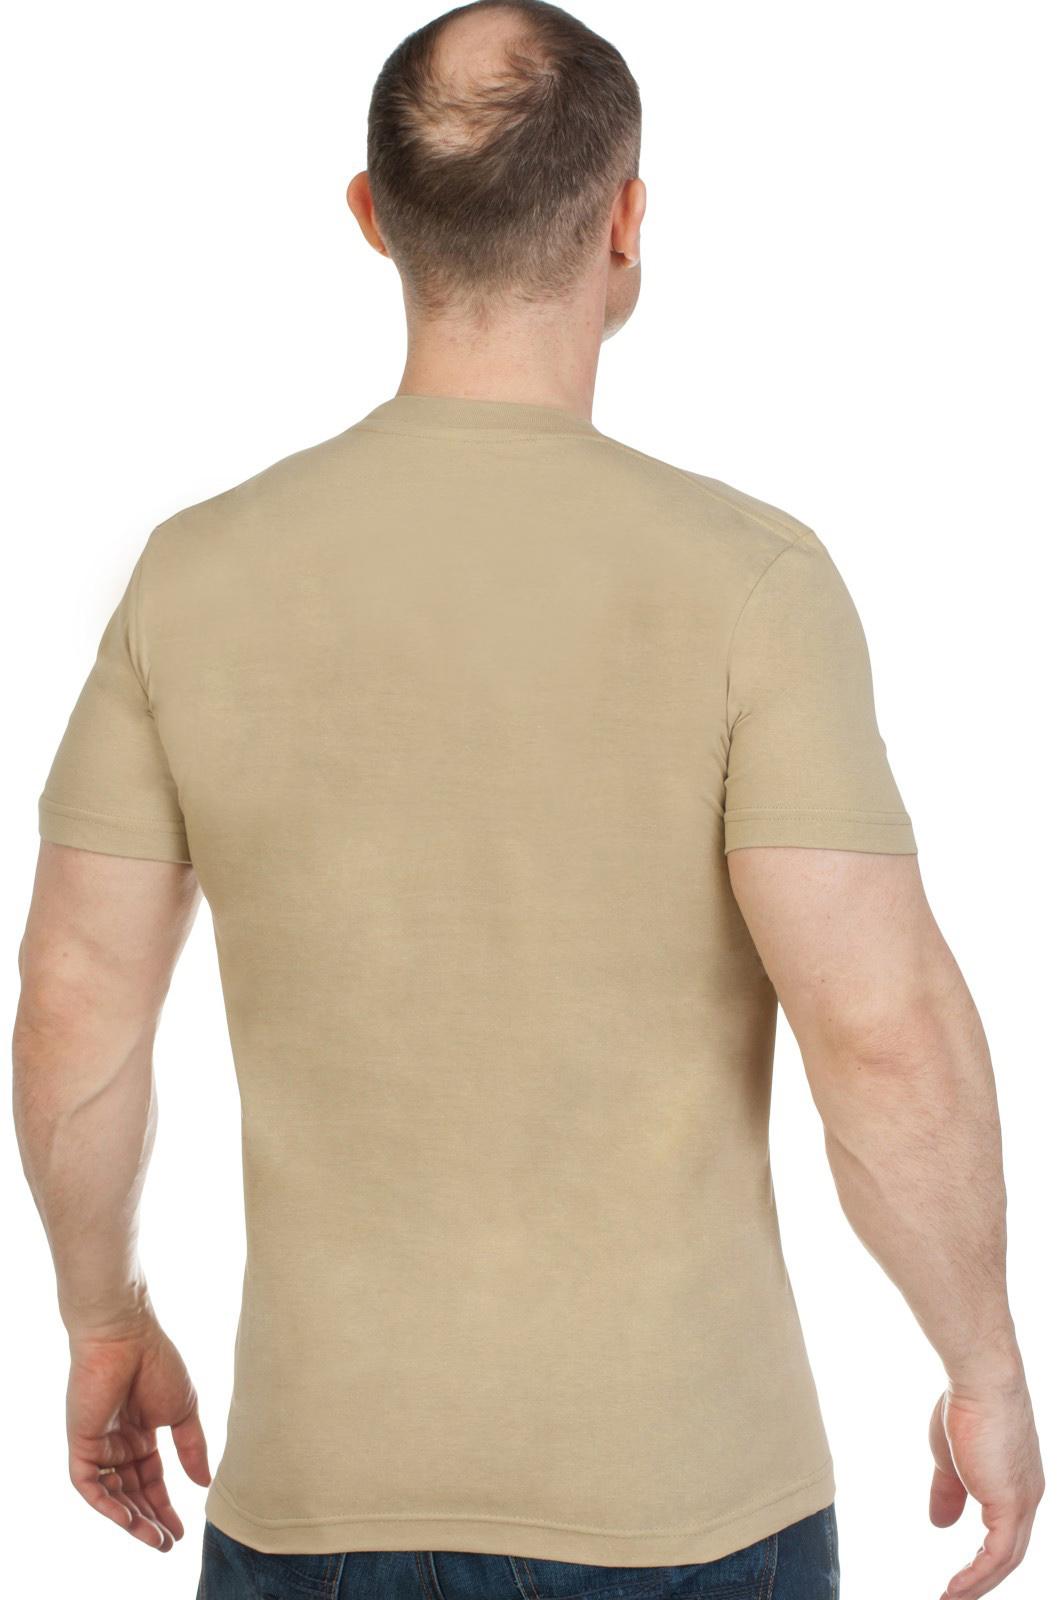 Надежная охотничья футболка с вышивкой Ни Пуха Ни Пера - купить оптом